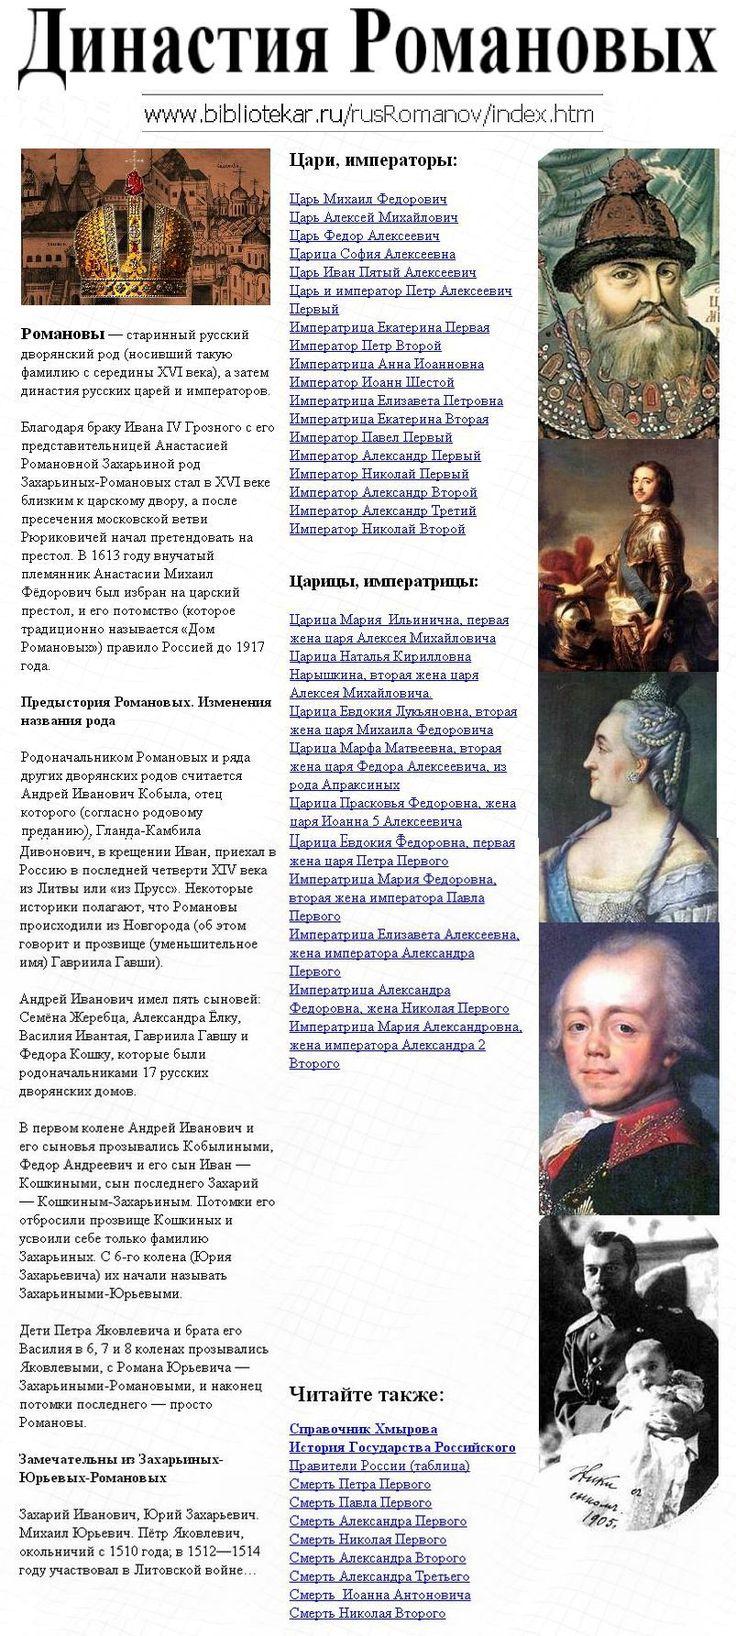 Династия Романовых (сетевая версия).